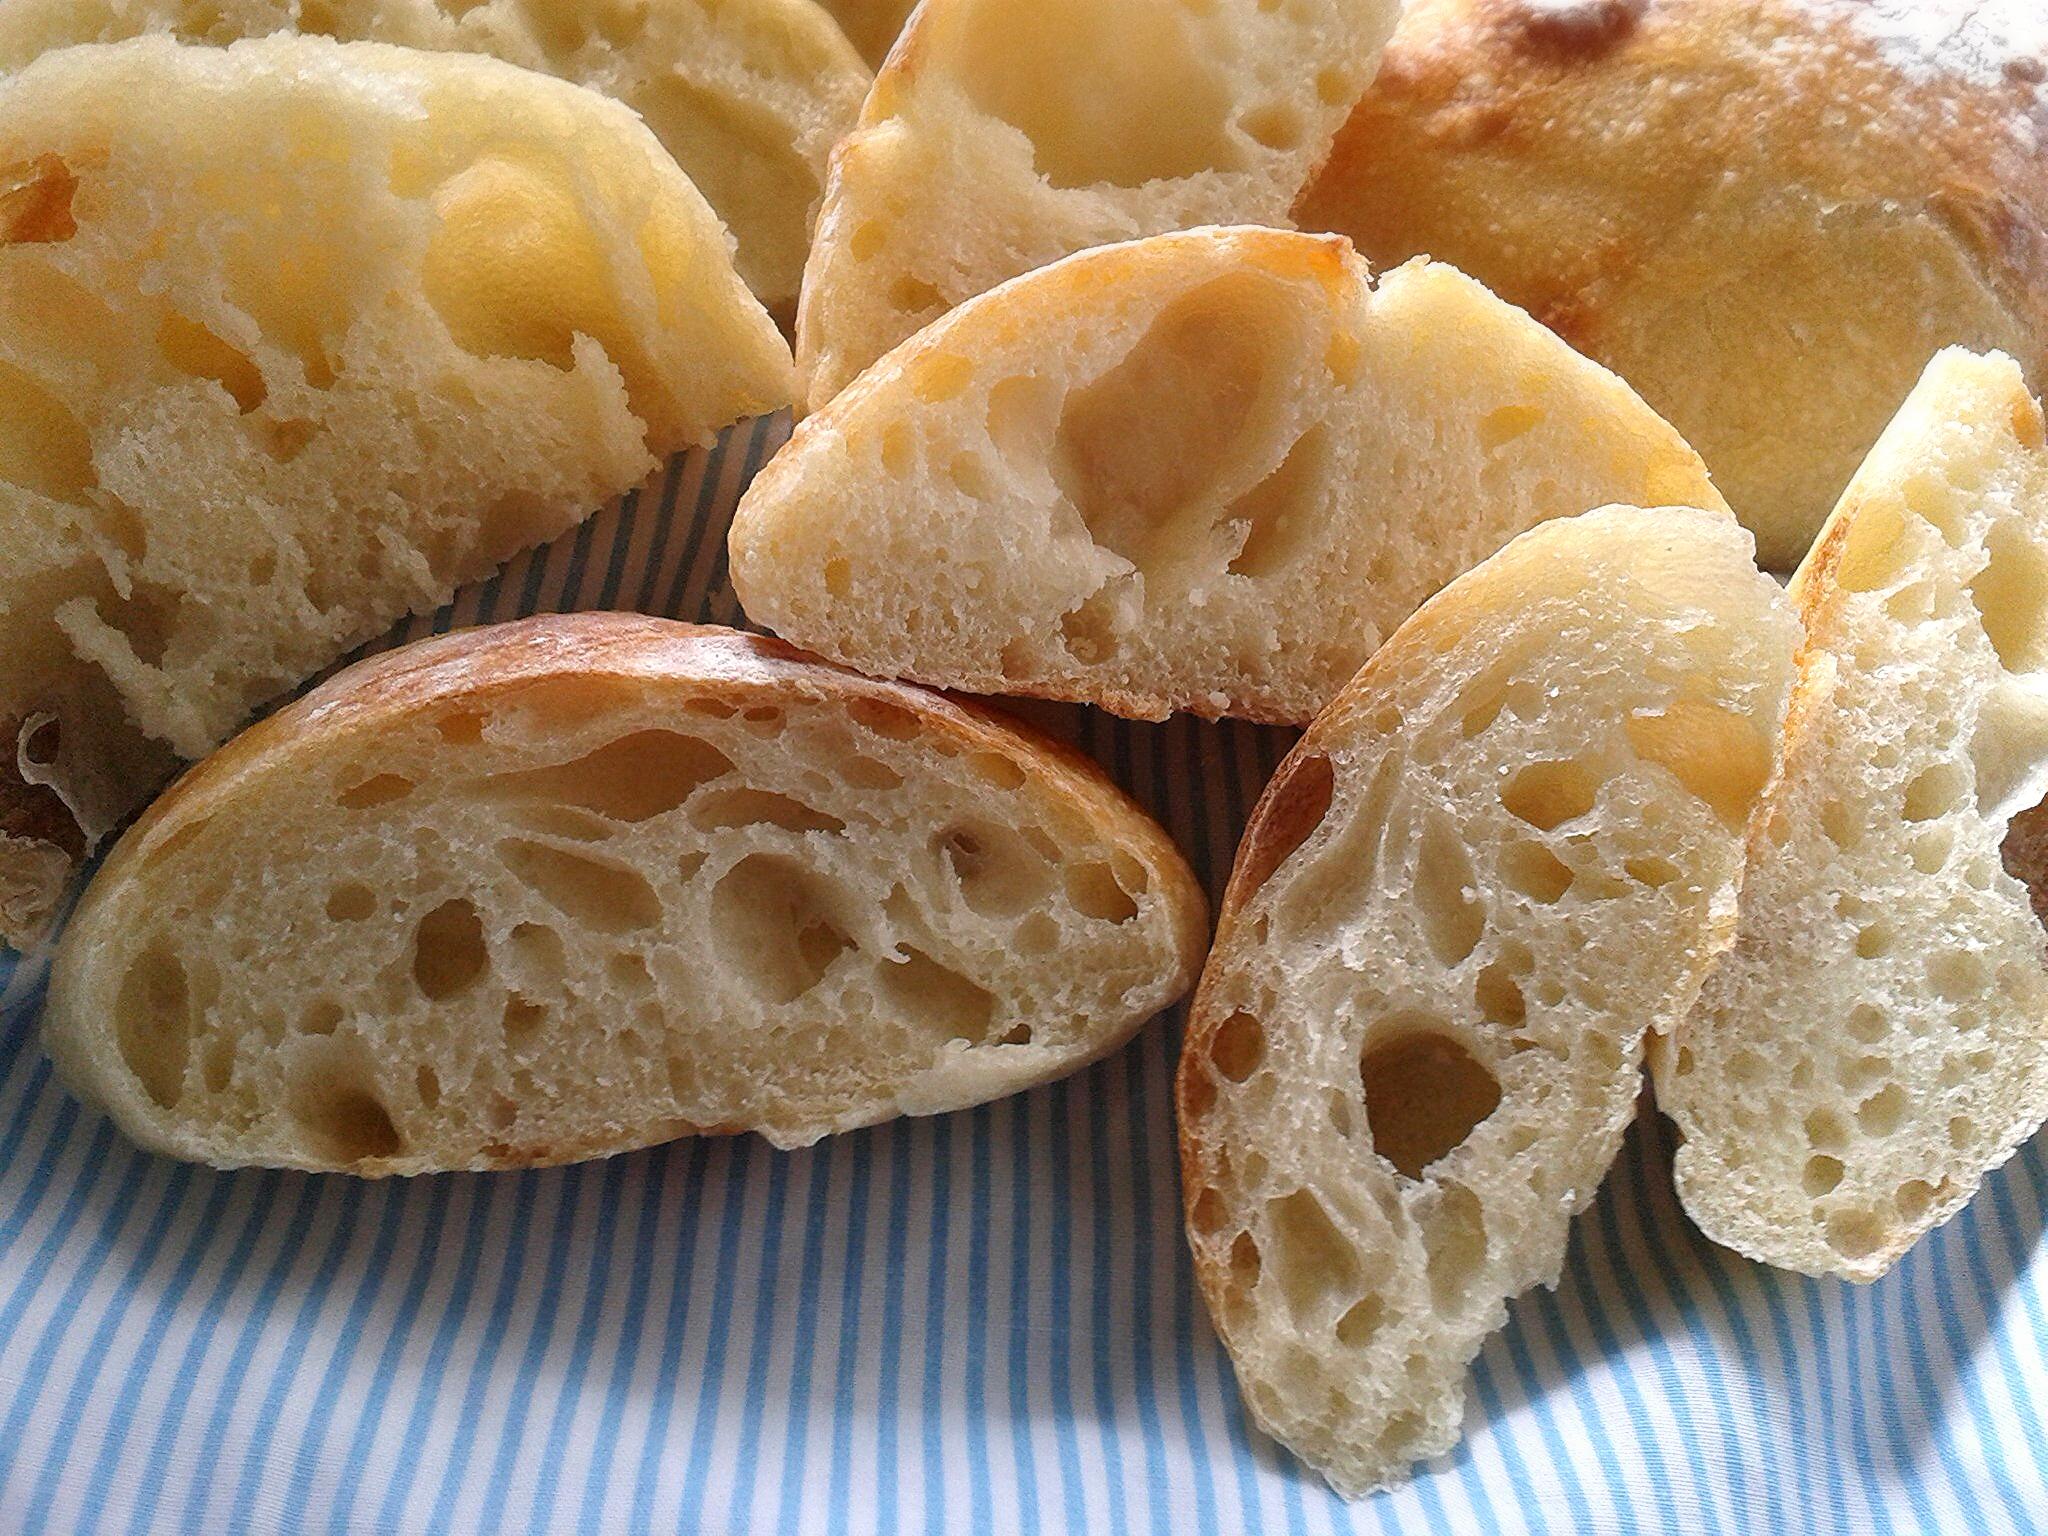 حصري: طريقة خميرة الخبز الطبيعية